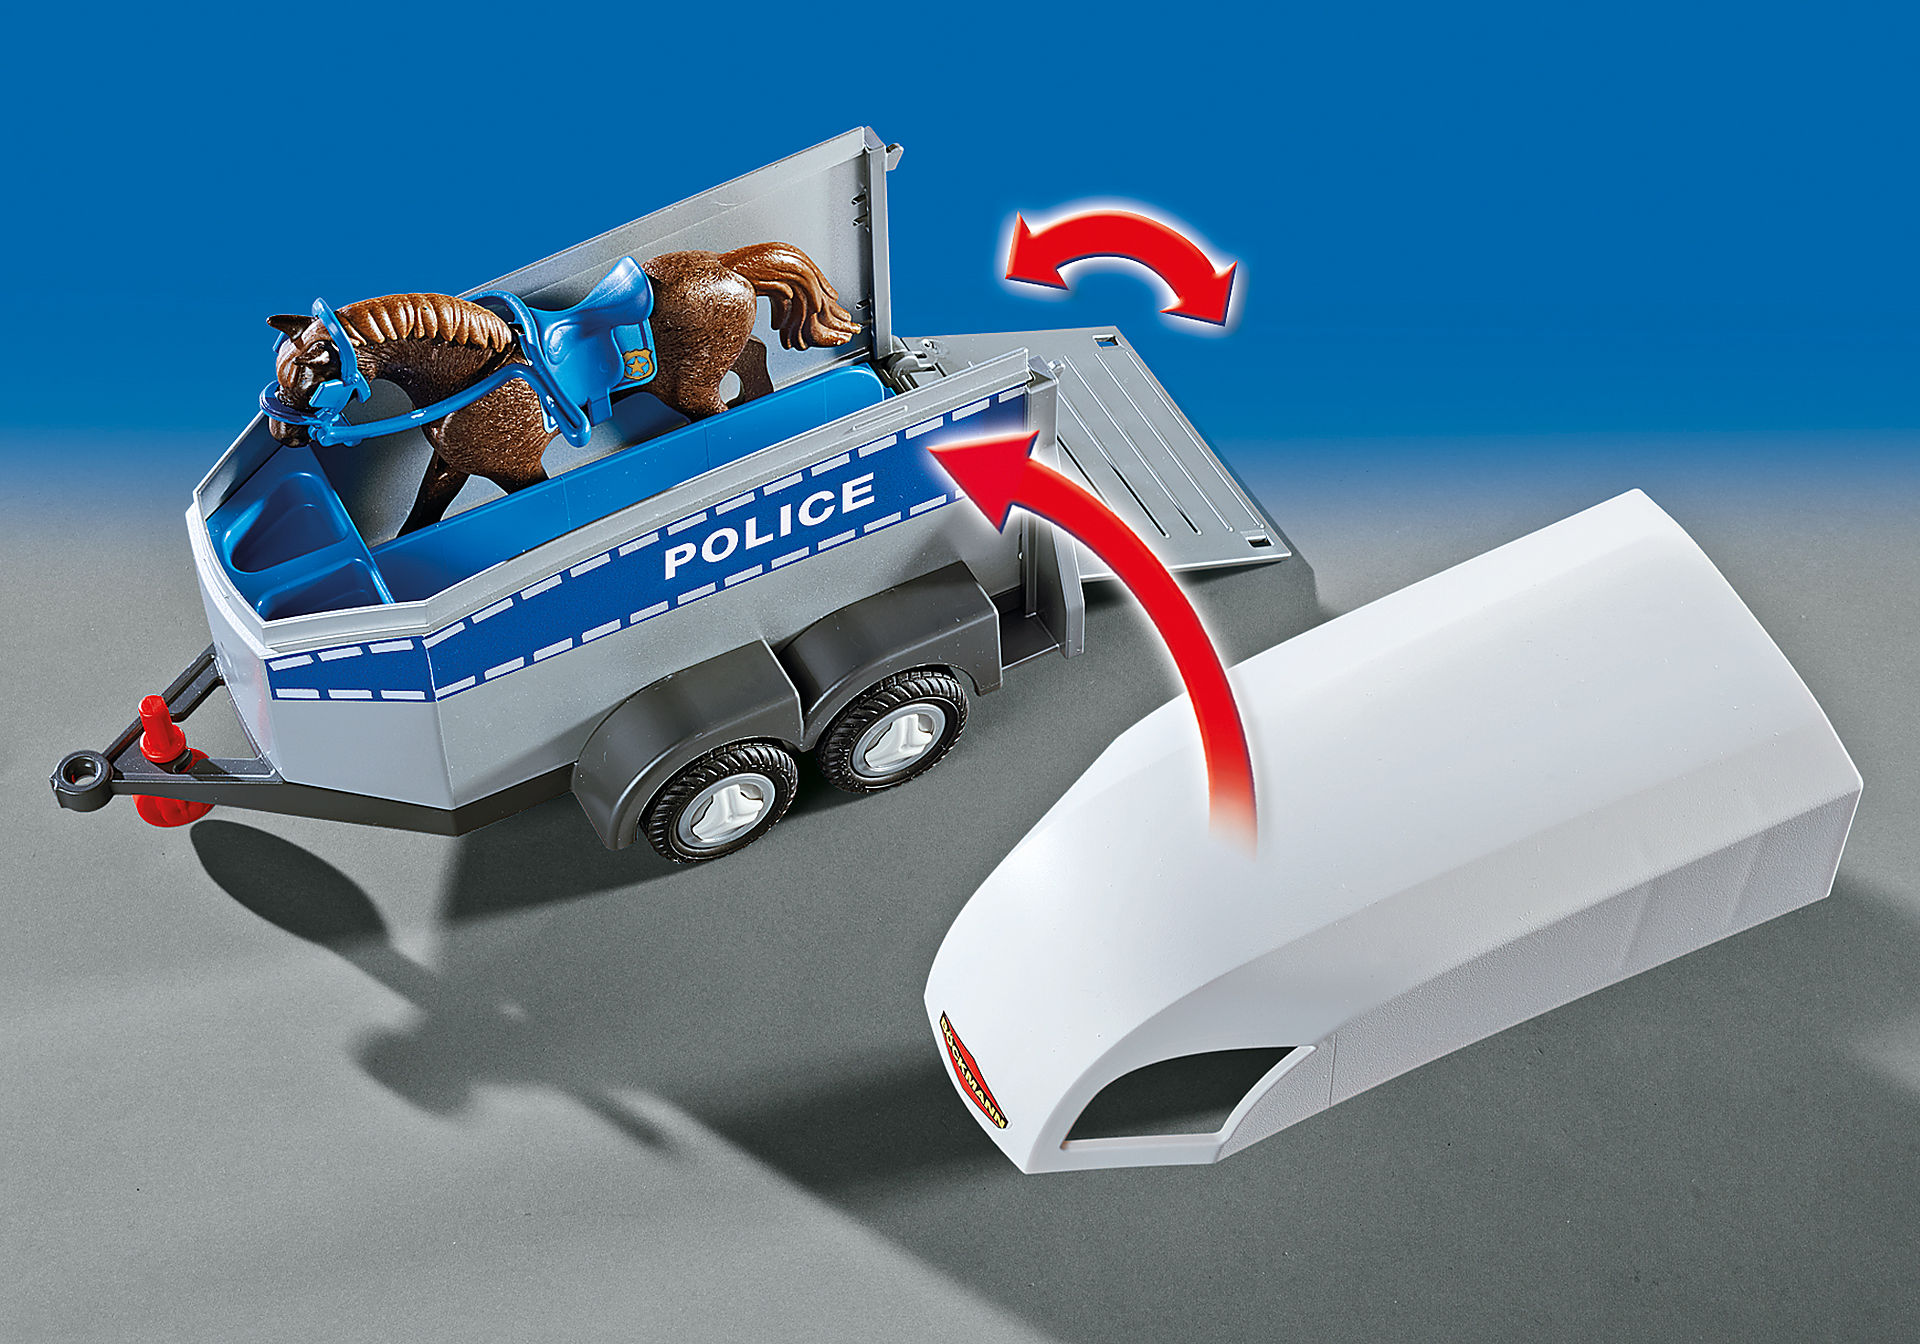 http://media.playmobil.com/i/playmobil/6922_product_extra2/Polizeipferd mit Anhänger